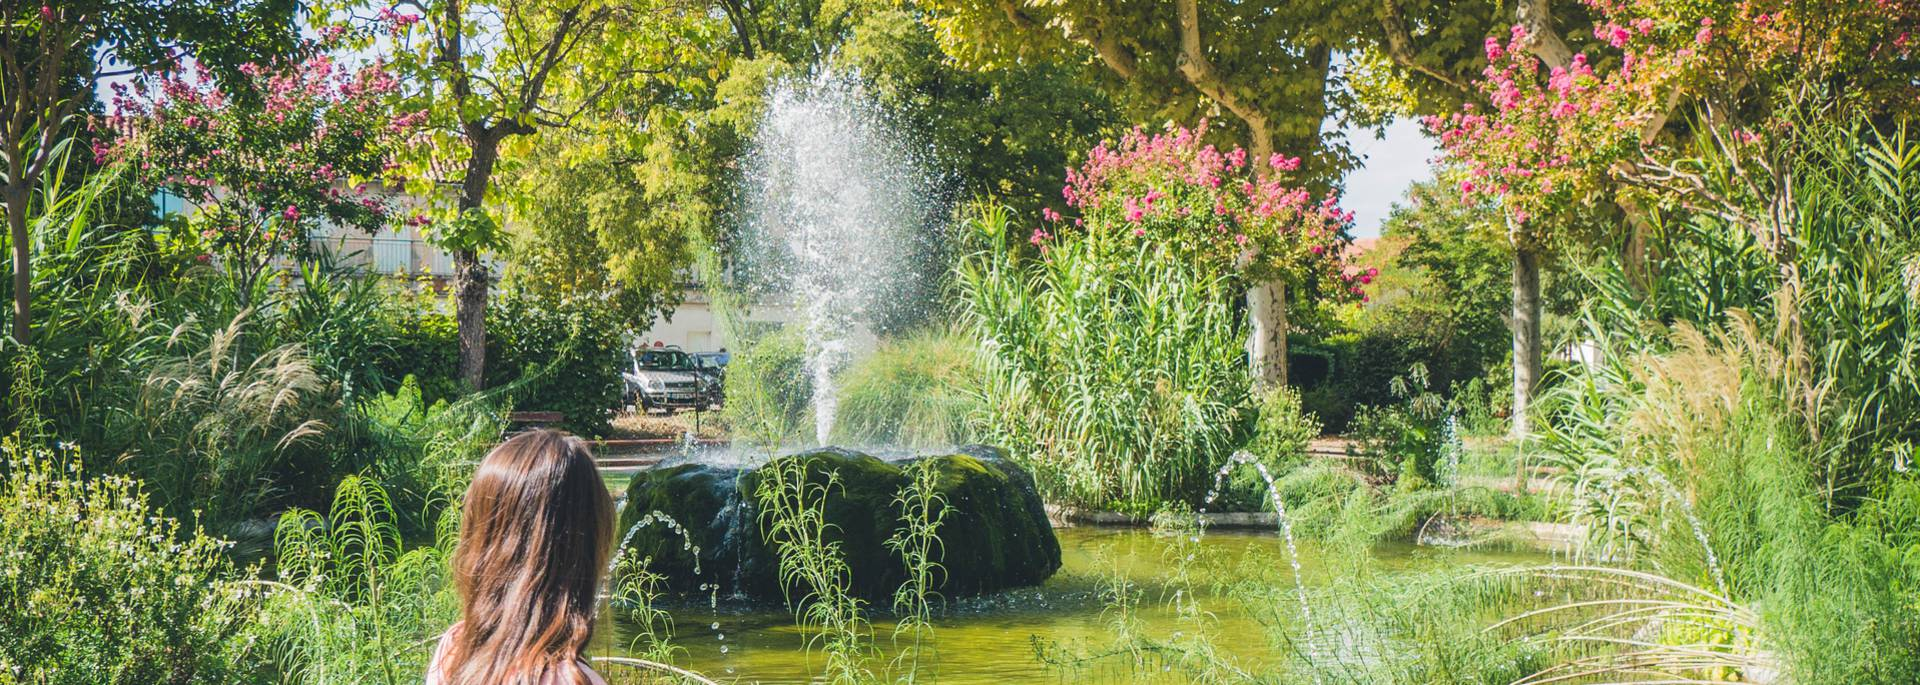 Parc André Malraux